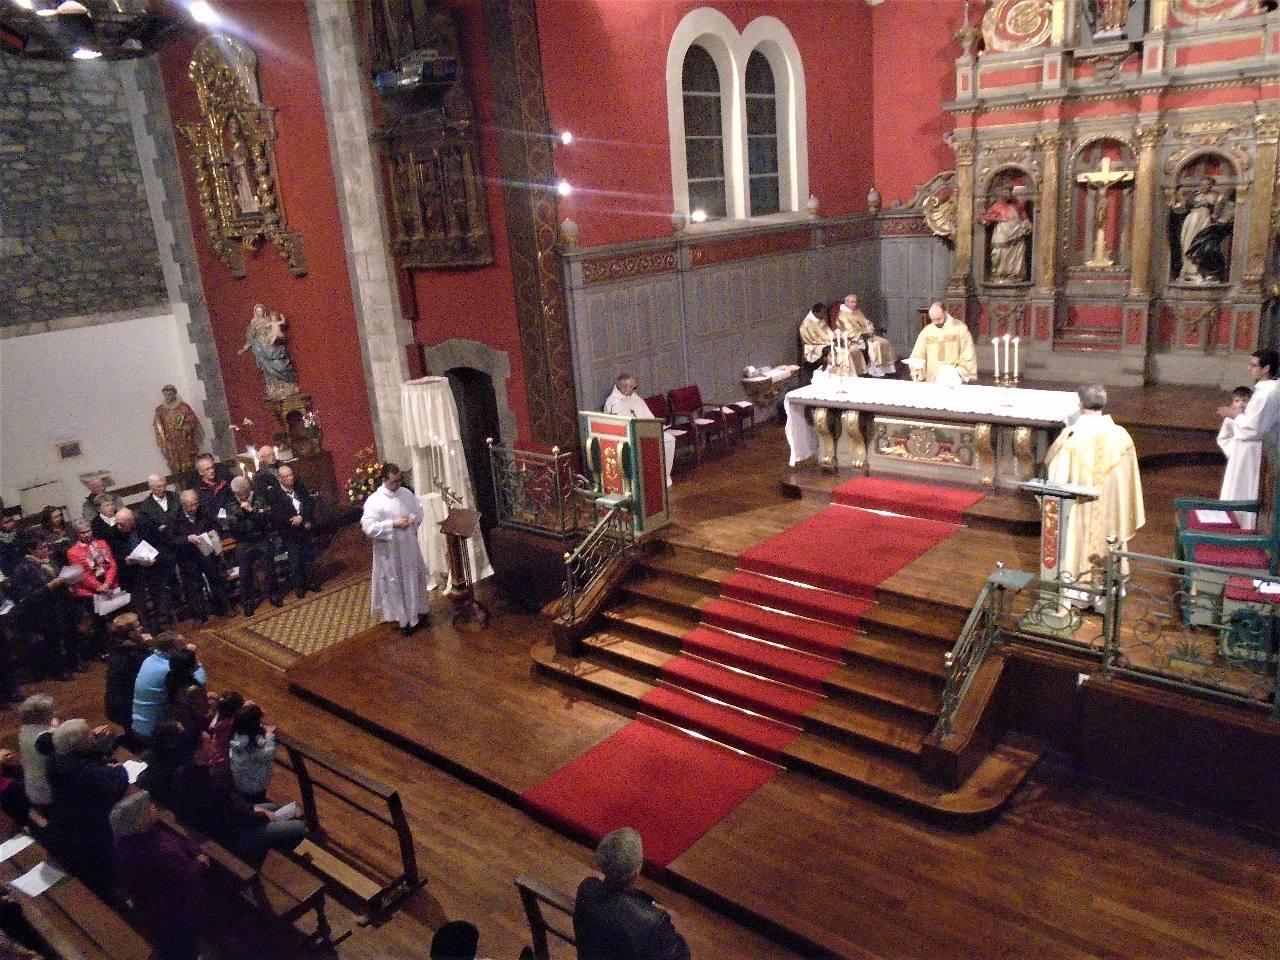 Après la communion, les hosties consacrées seront portées en procession au reposoir.